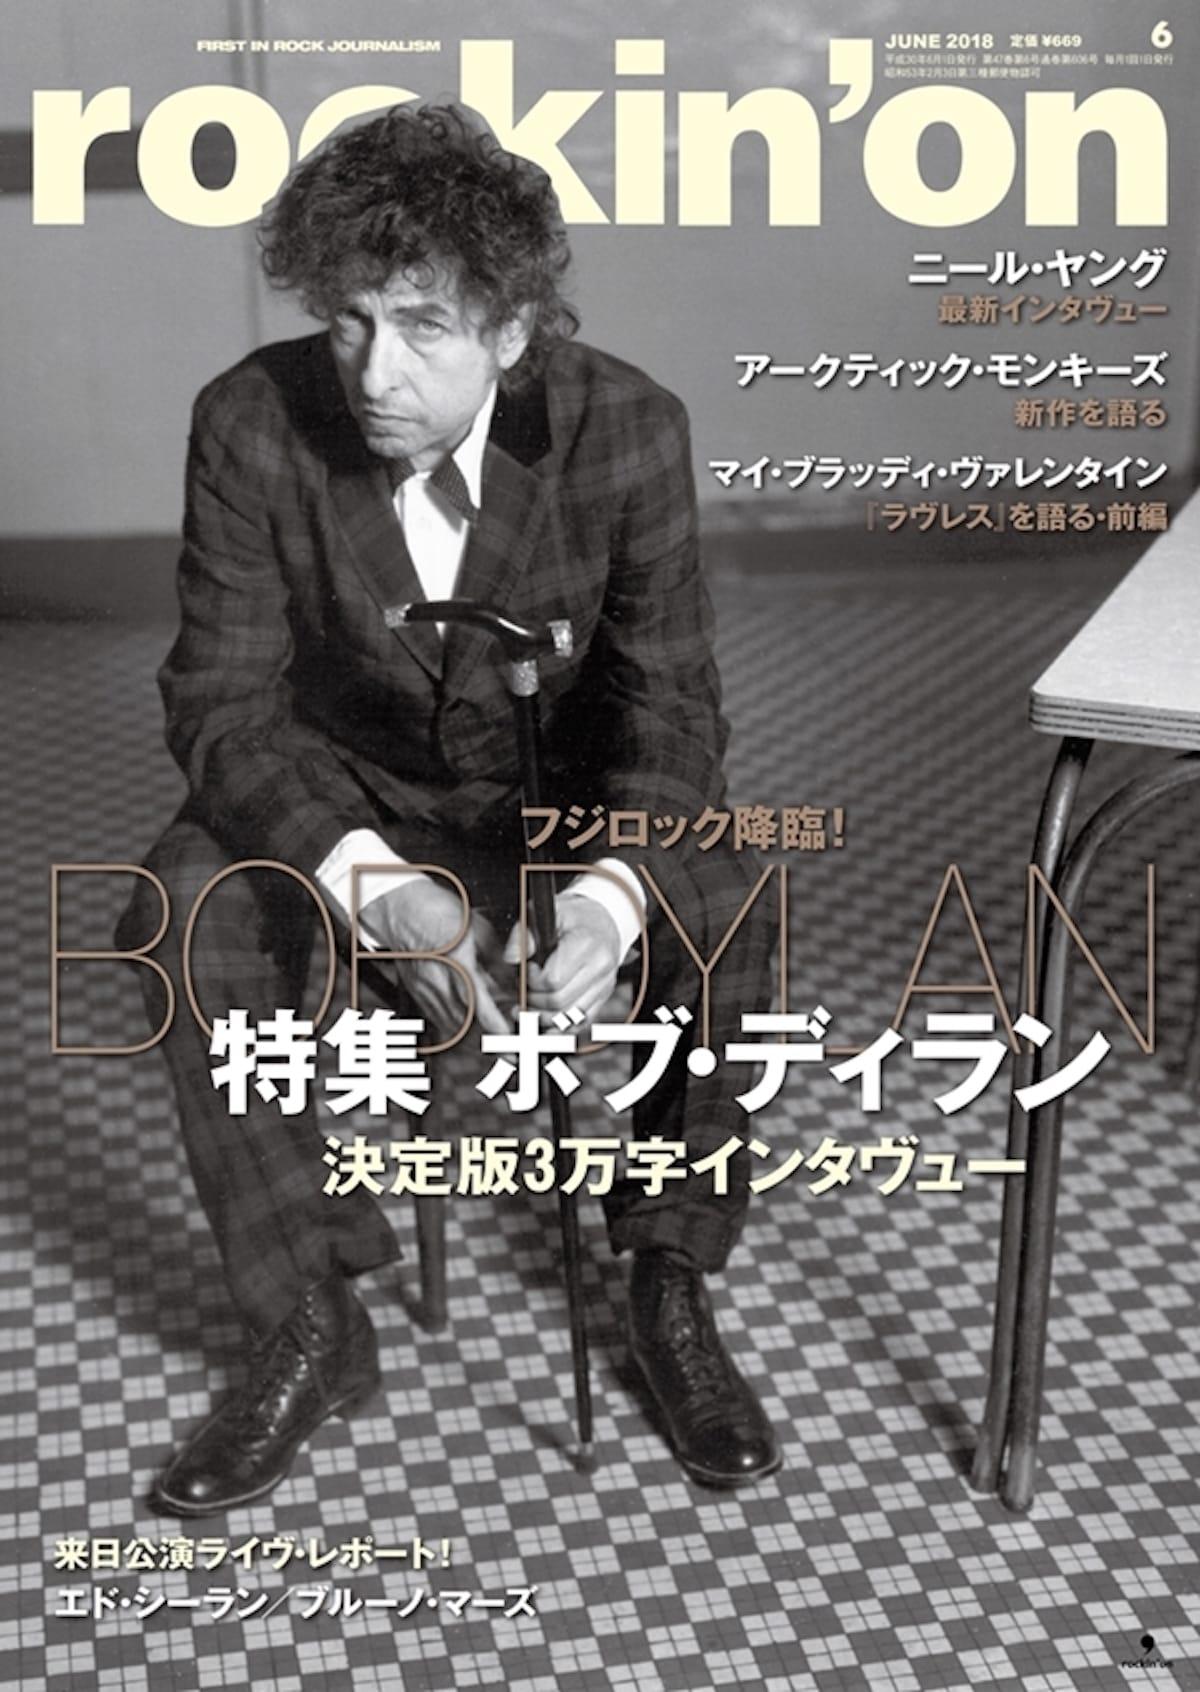 ボブ・ディラン、音楽雑誌『ロッキング・オン』606号目で初の表紙に! music180424_rockinon-bobdylan_2-1200x1692